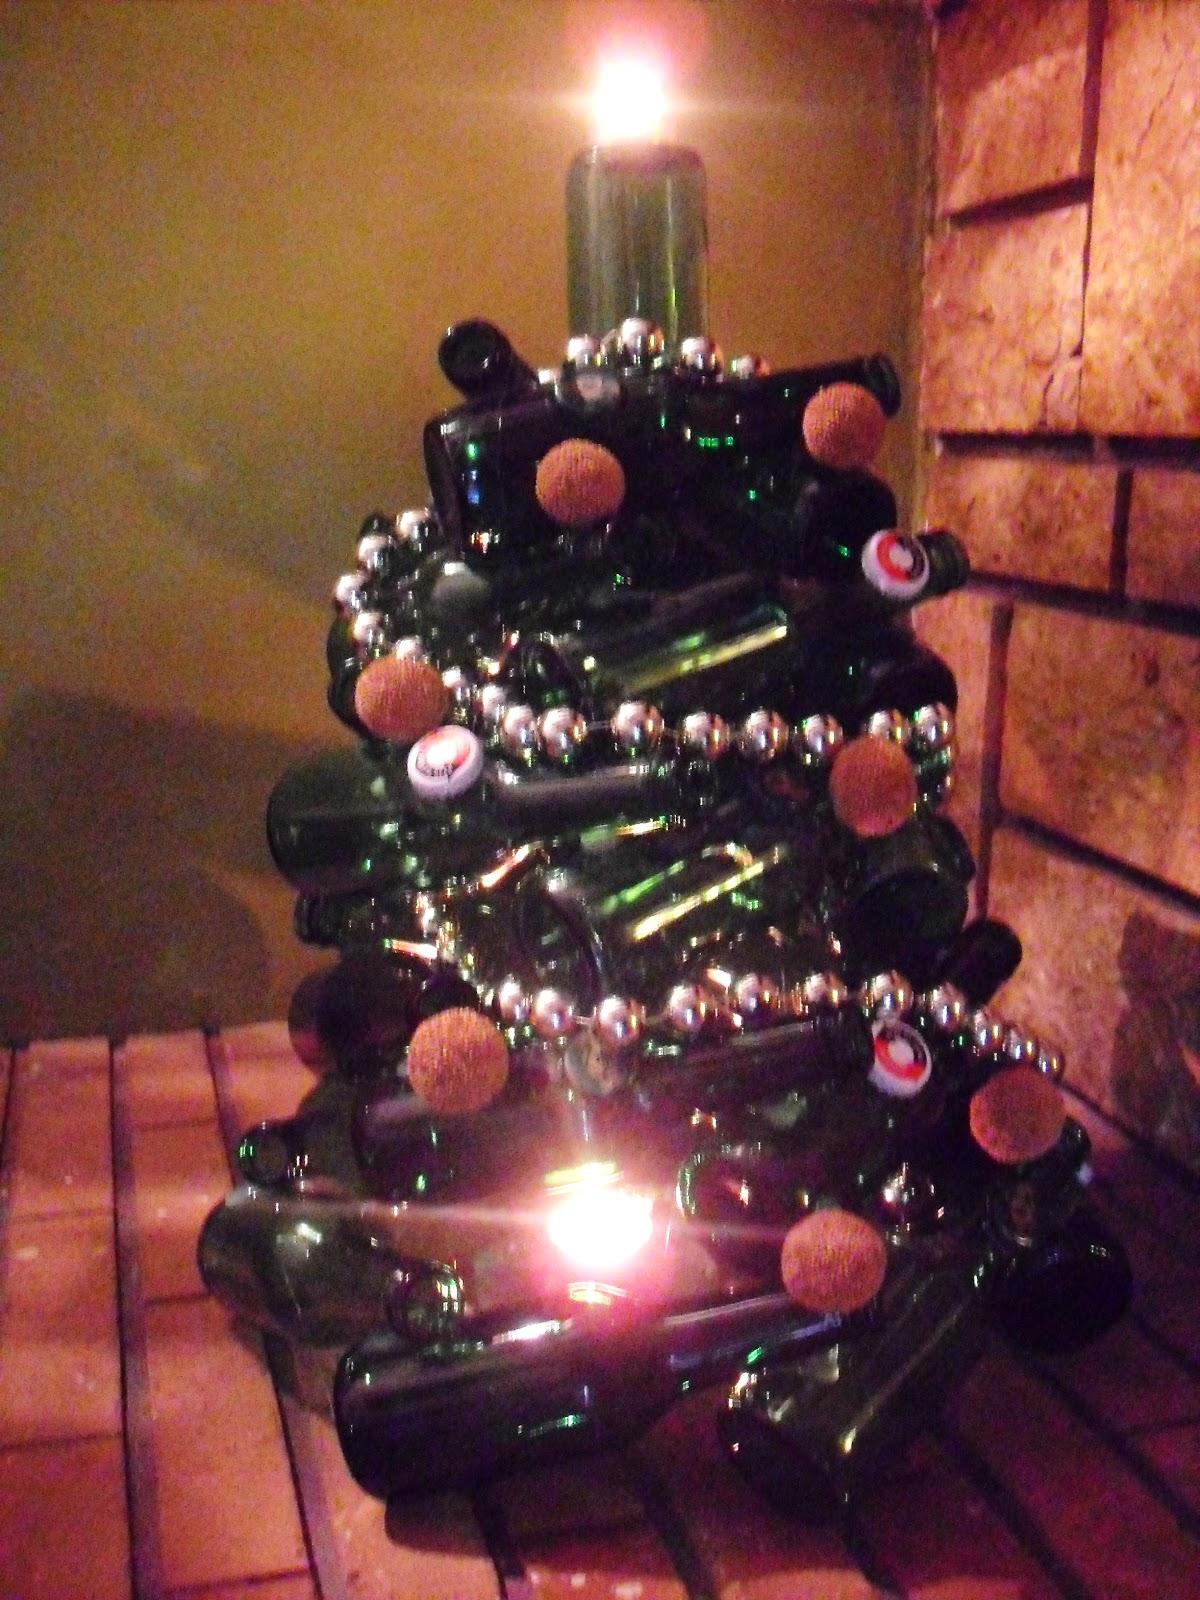 Navidad en tiempos de crisis o decoraci n barata for Decoracion de navidad barata